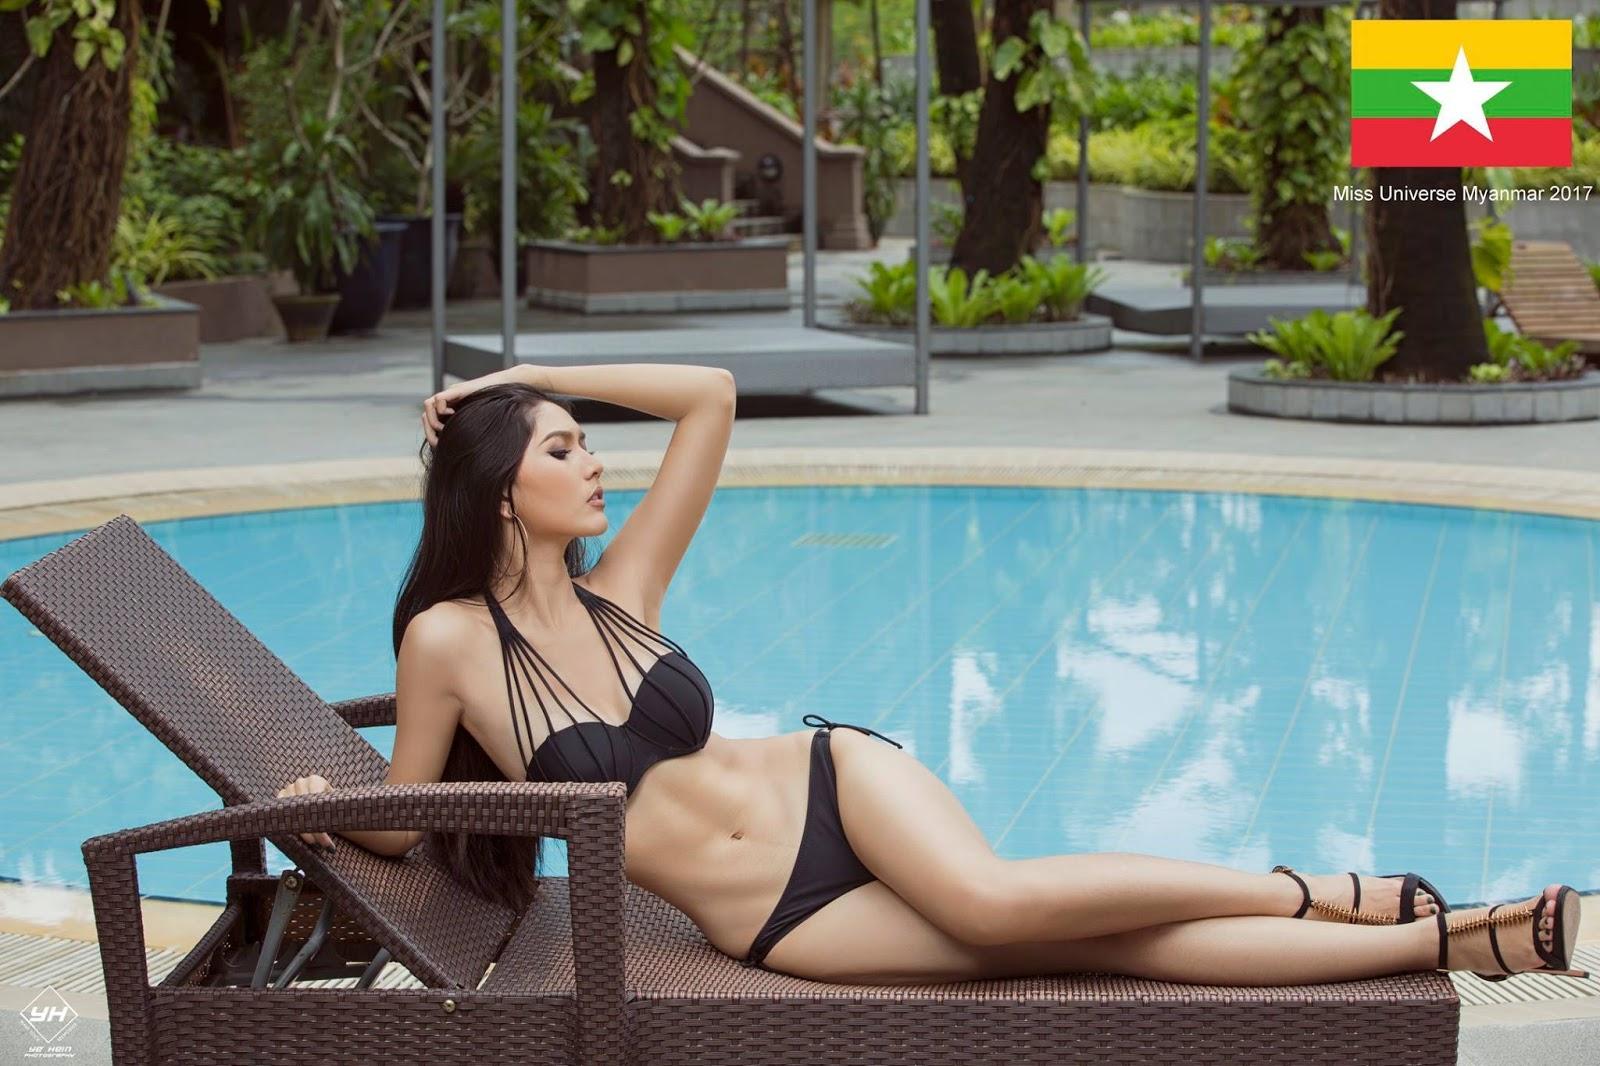 Zun Than Sin - Miss Universe Myanmar 2017 Bikini Pics